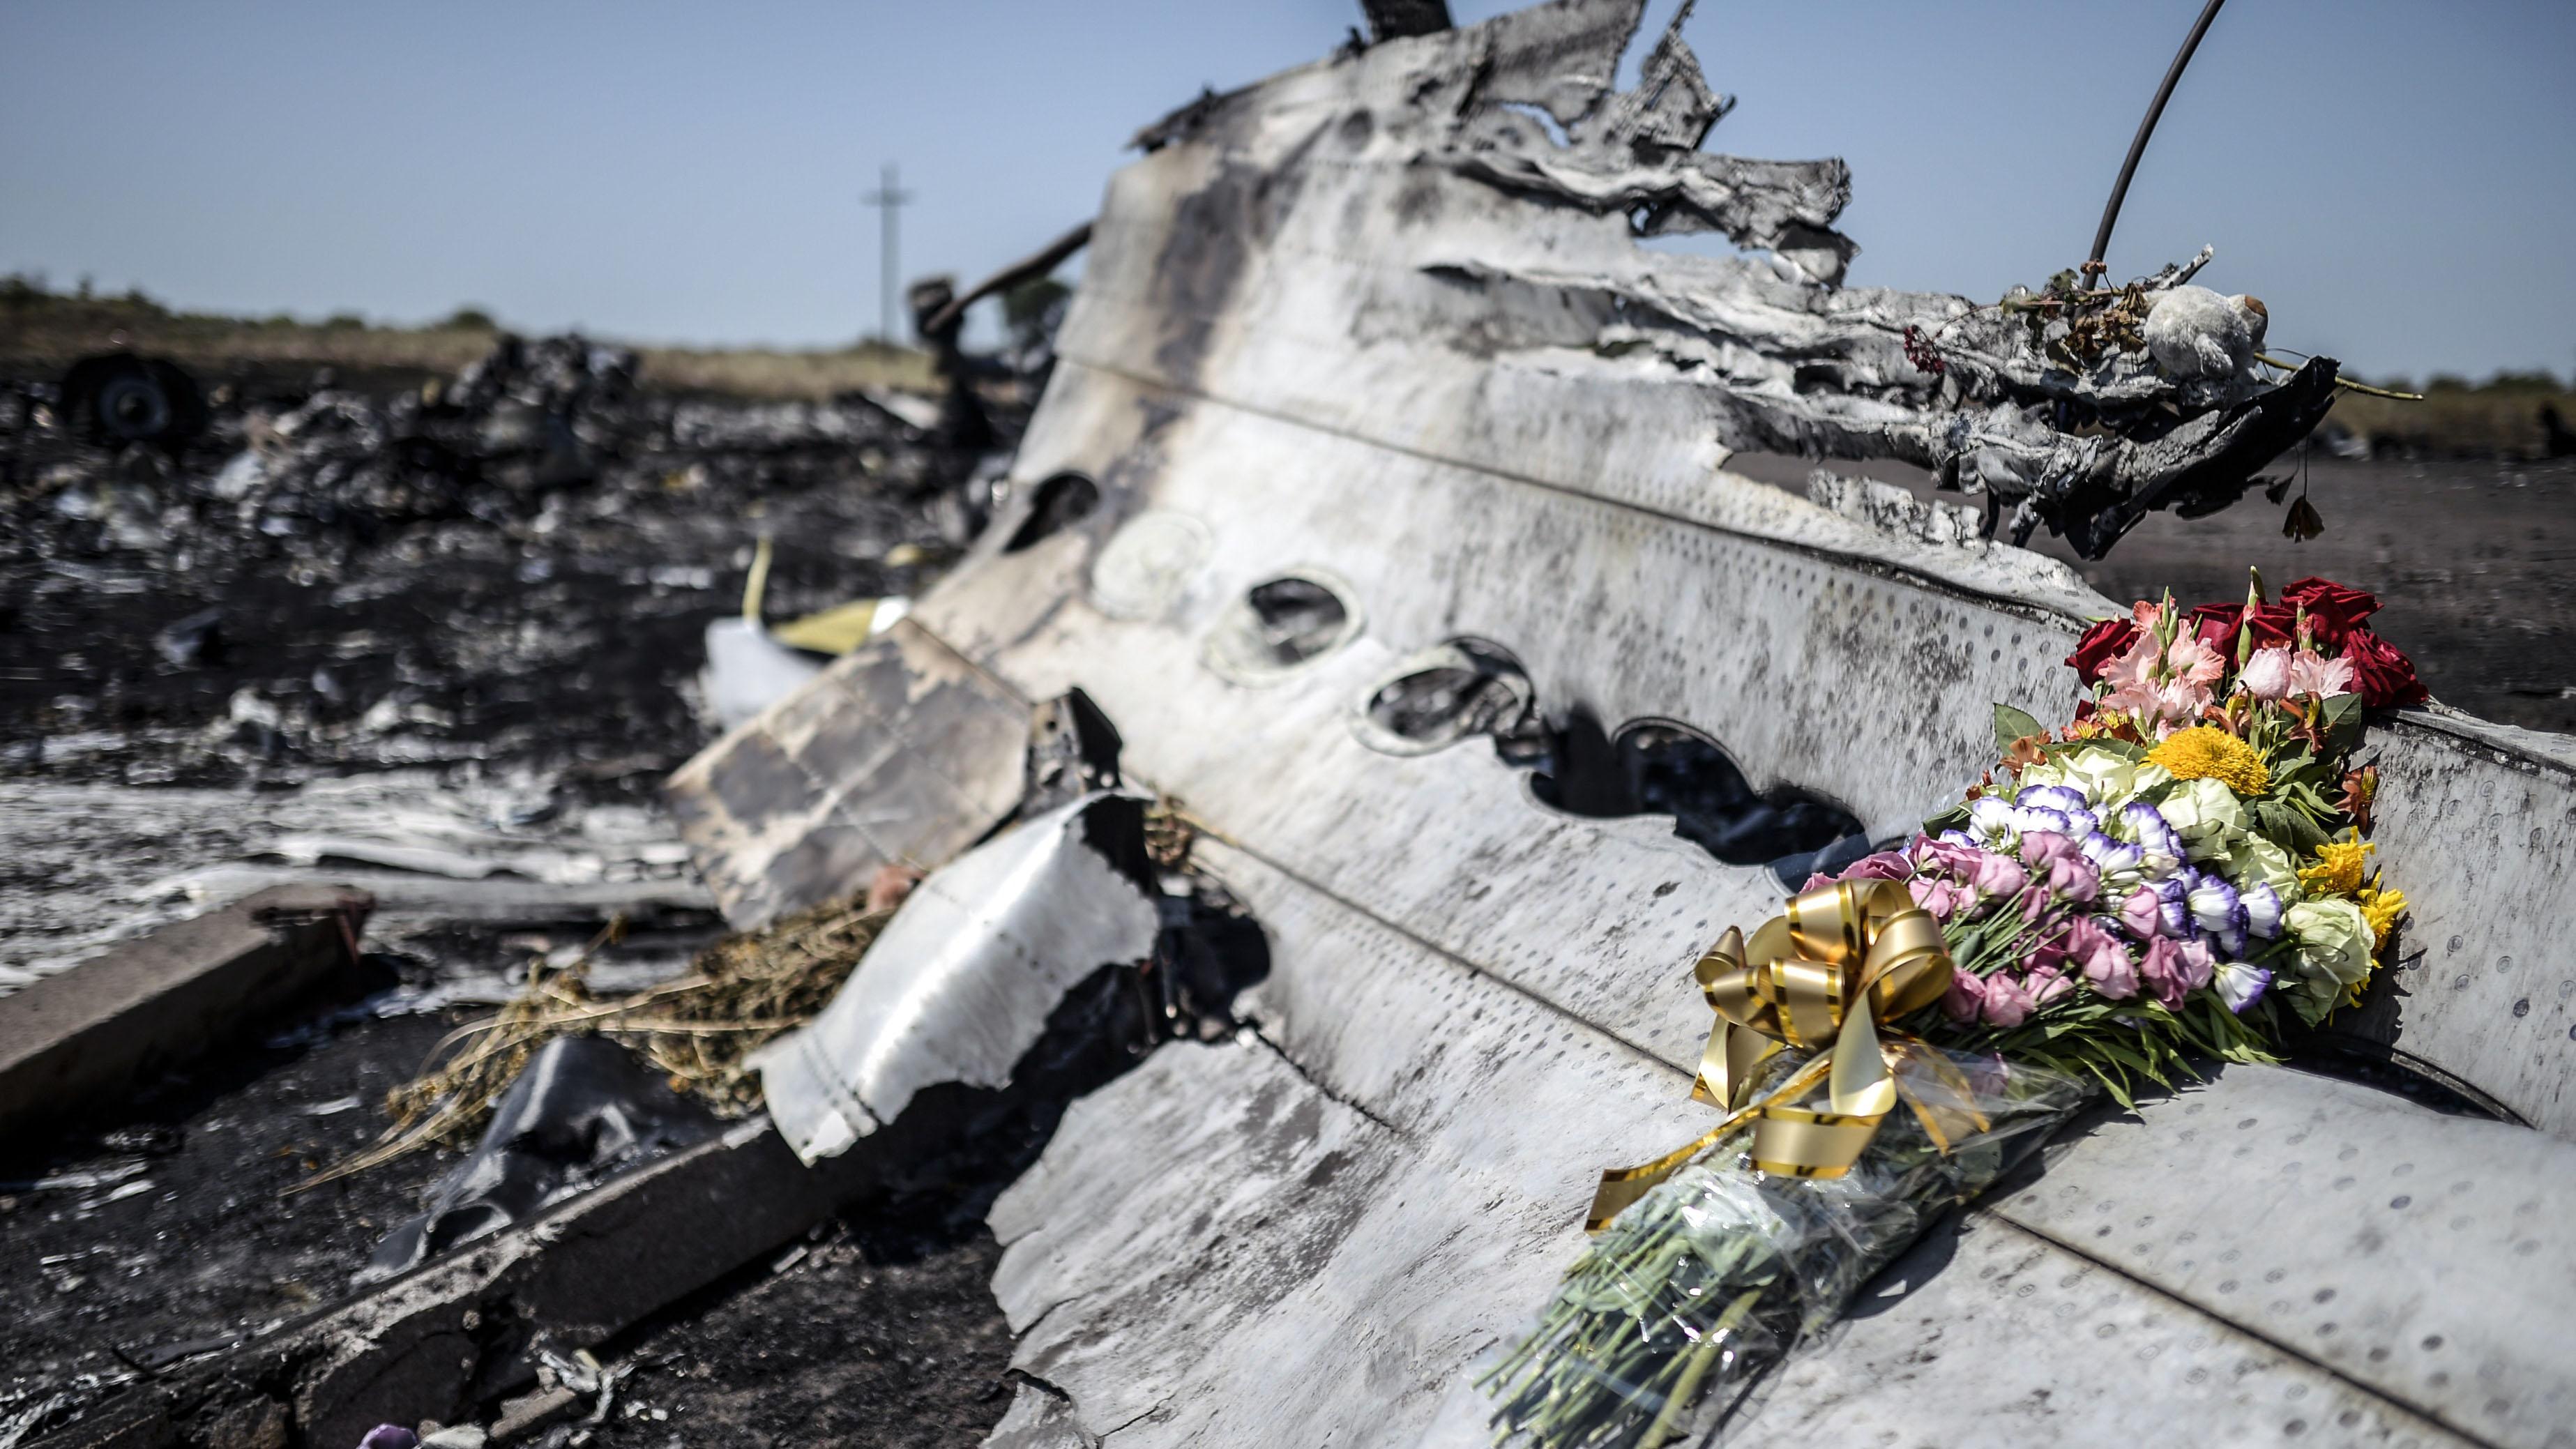 Посол Нидердандов рассказал, когда подготовят обвинительный акт по поводу катастрофы МН17